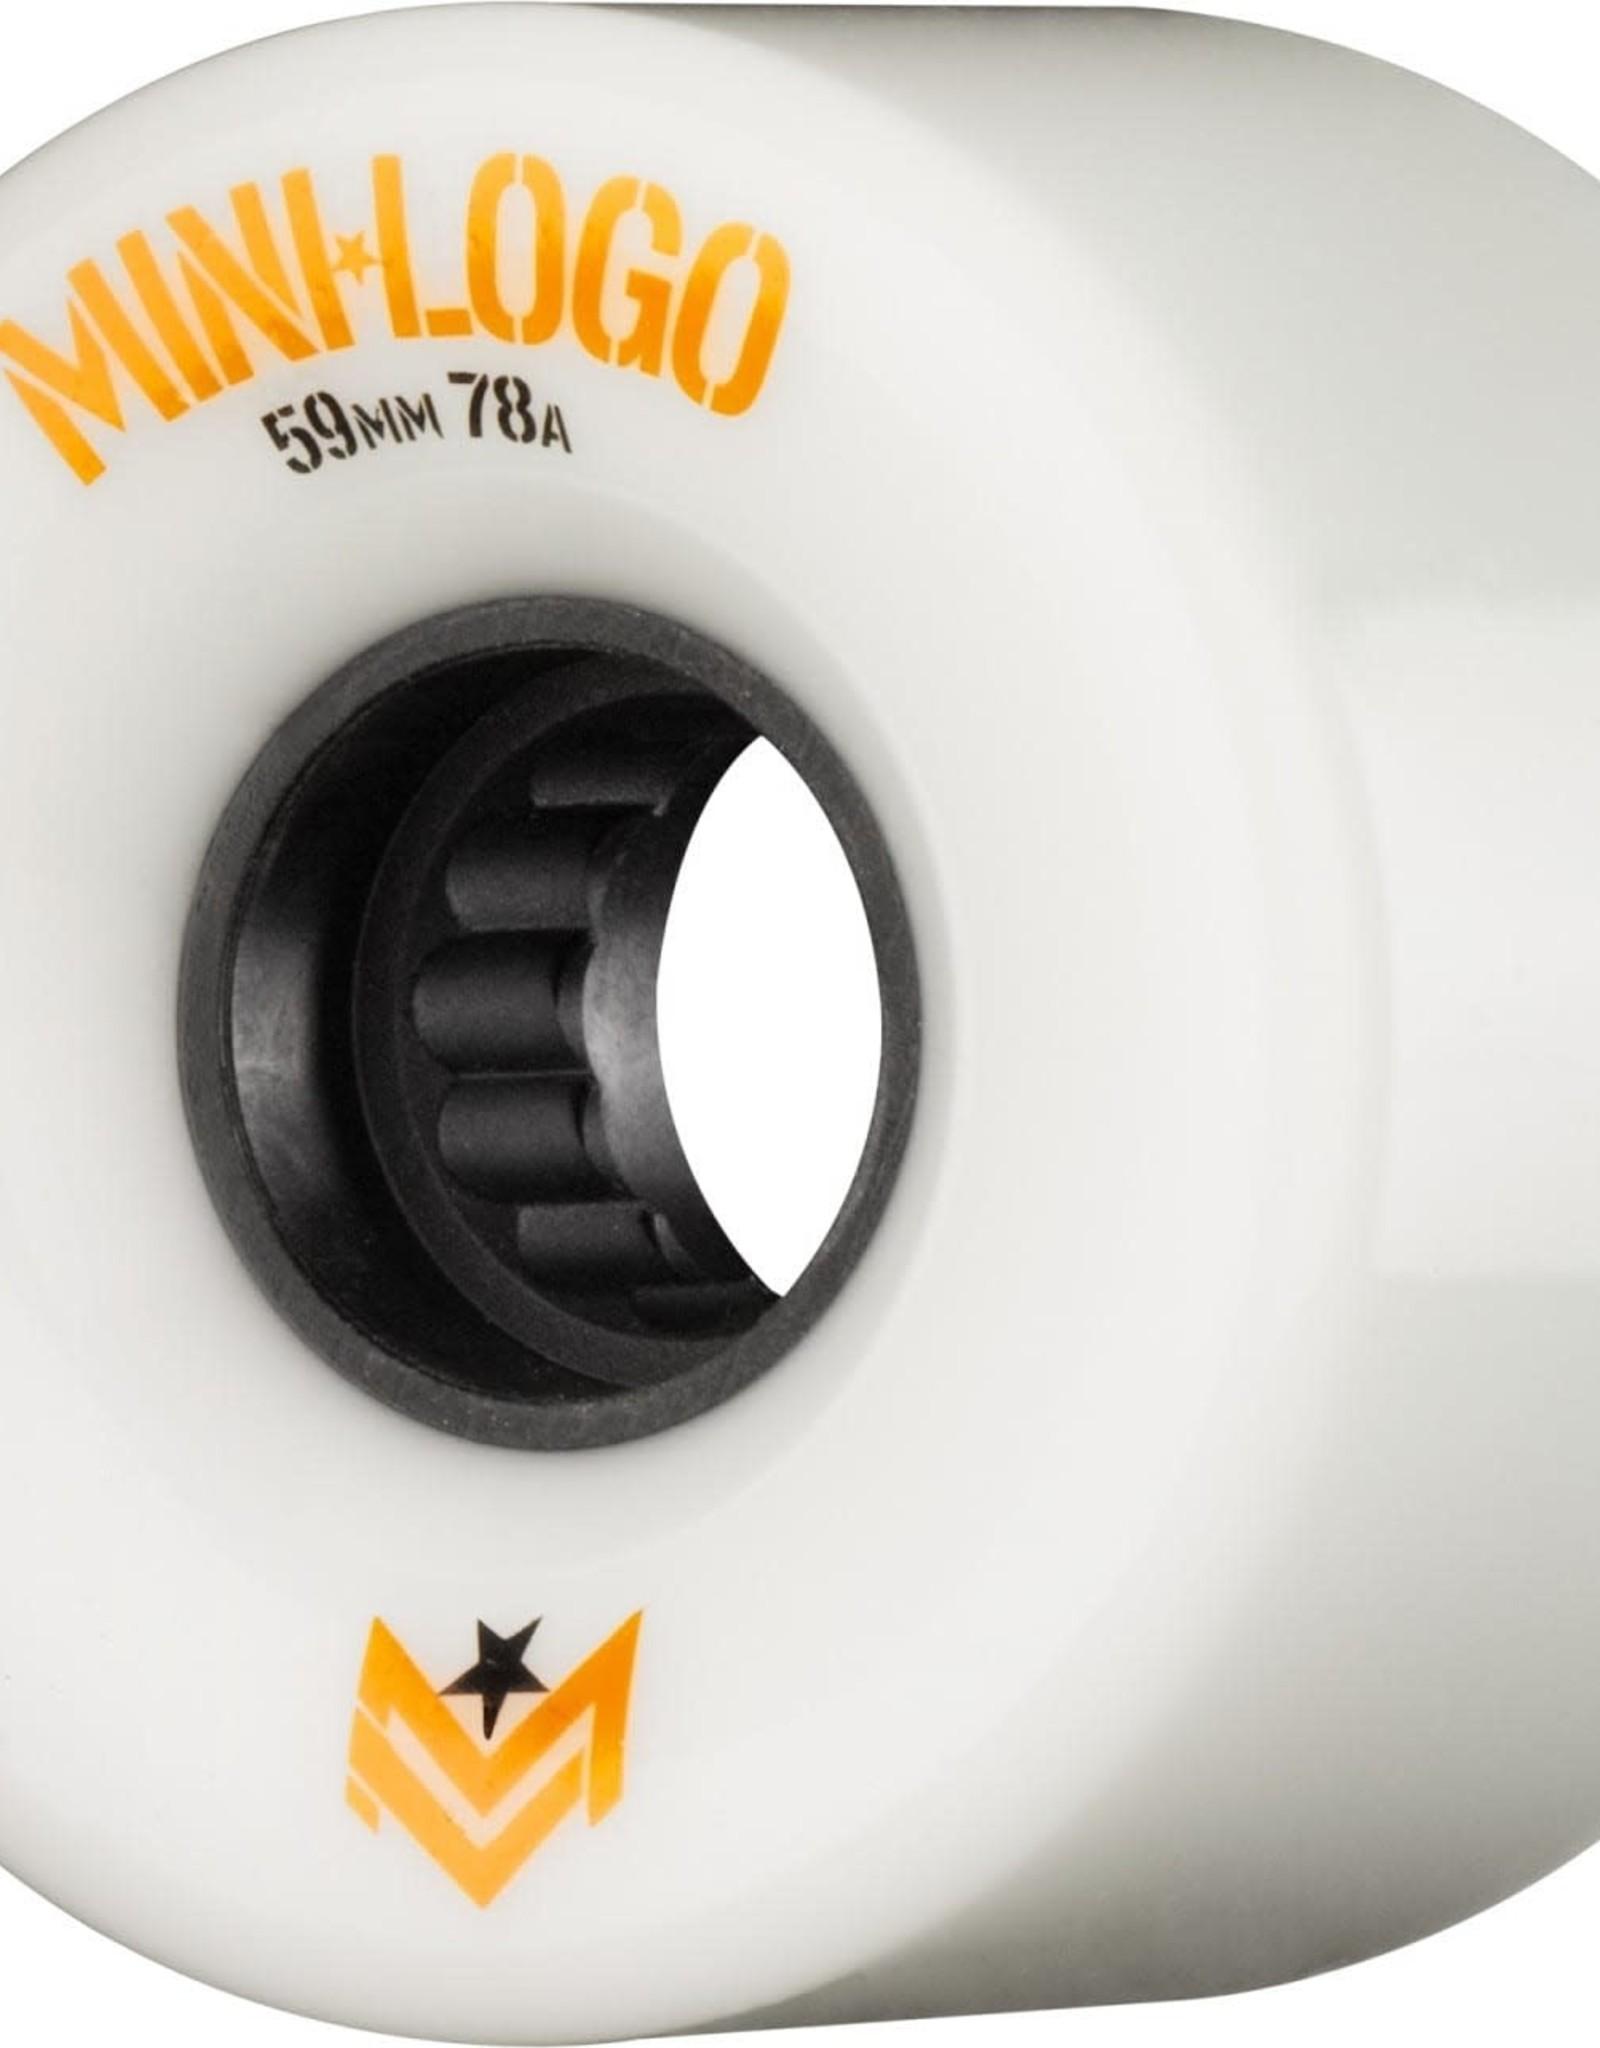 MINI*LOGO - AWOL Wheels - 78A - 63MM